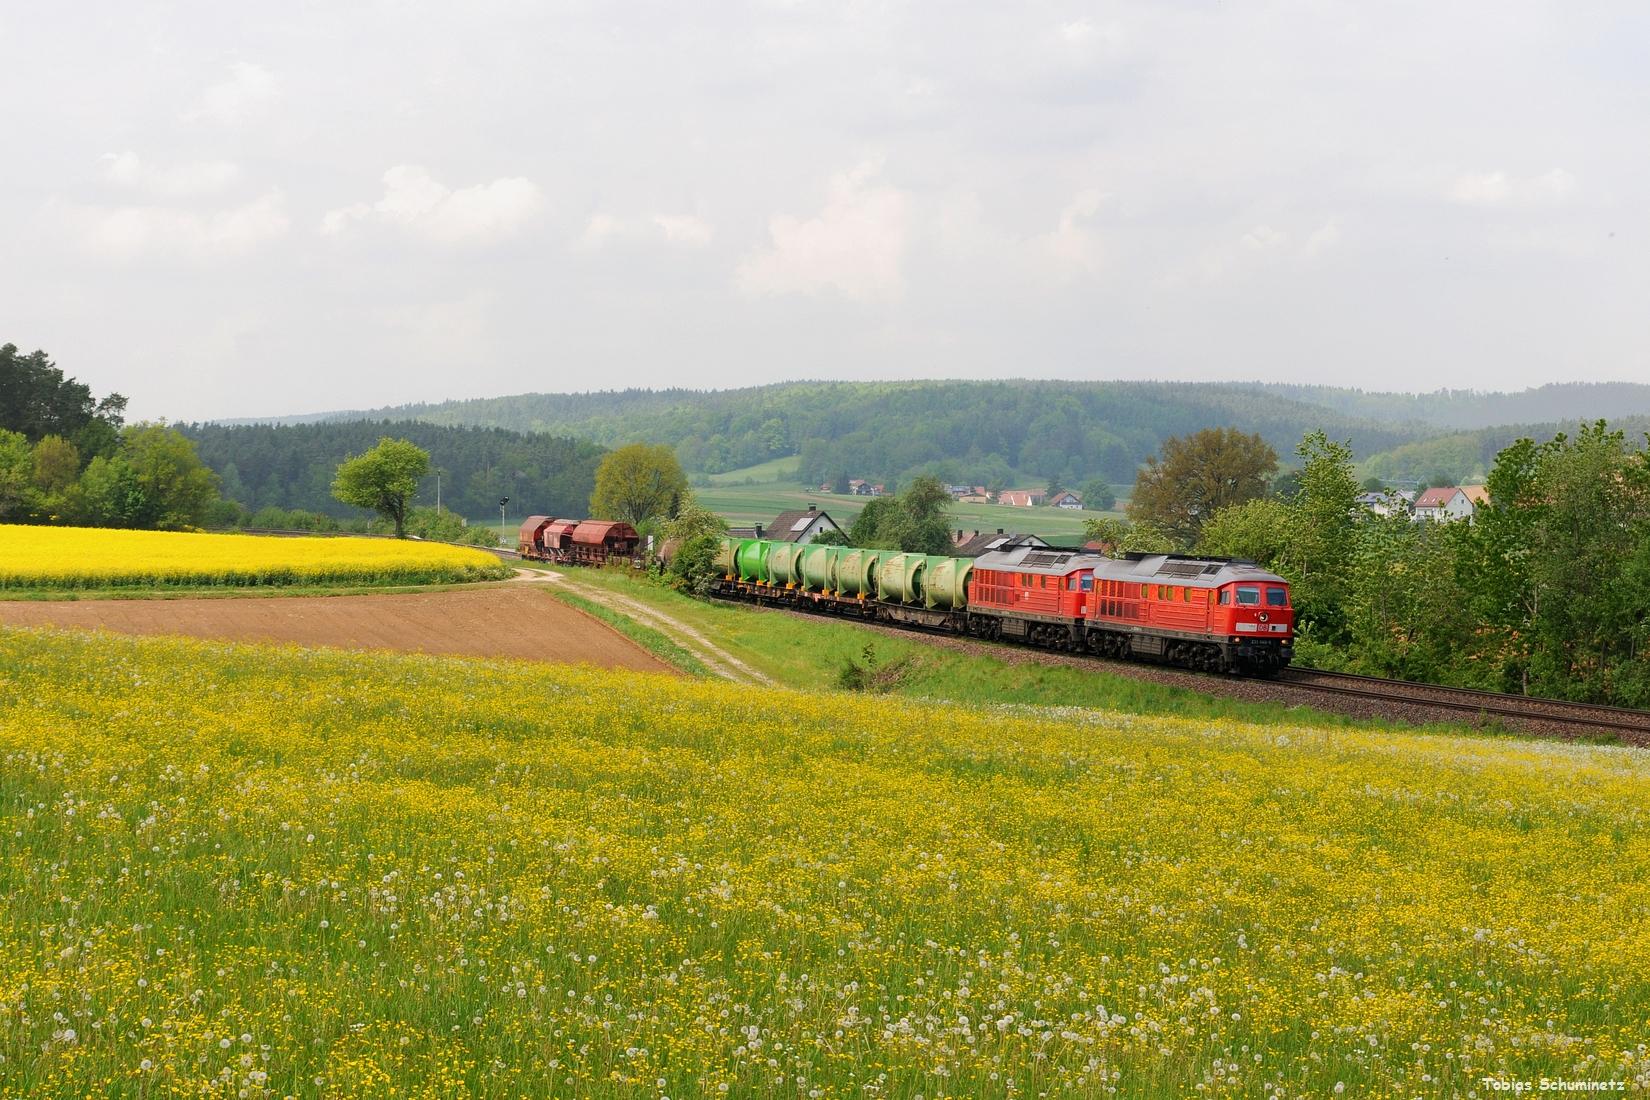 Am 19.05.2017 bekam ich die Info, dass der EK56009 in Hartmannshof liegen geblieben ist. Da die Lok zum Abschleppen des Zuges erst aus Nürnberg kommen musste, war der Zug in der idealen Zeitlage für das Motiv bei Sulzbach-Rosenberg mit der tollen Löwenzahnwiese und dem Rapsfeld. Doch leider zog es kurz vor Zugsdurchfahrt zu. 233 040 kam der gestrandeten 233 306 zur Hilfe.